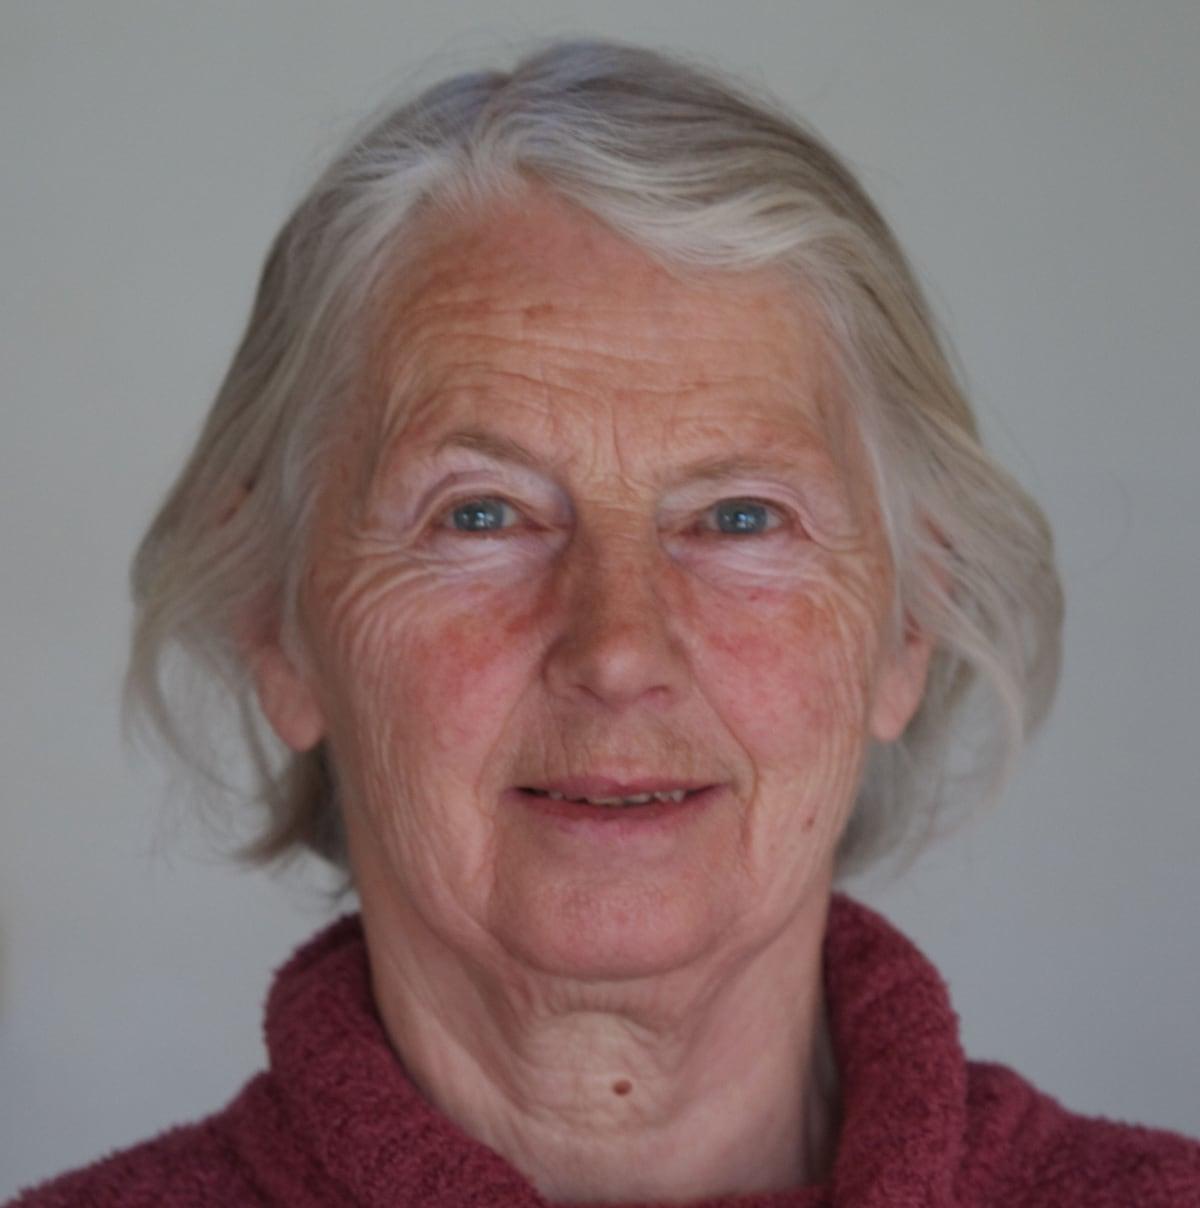 Gudrun from Rørvig